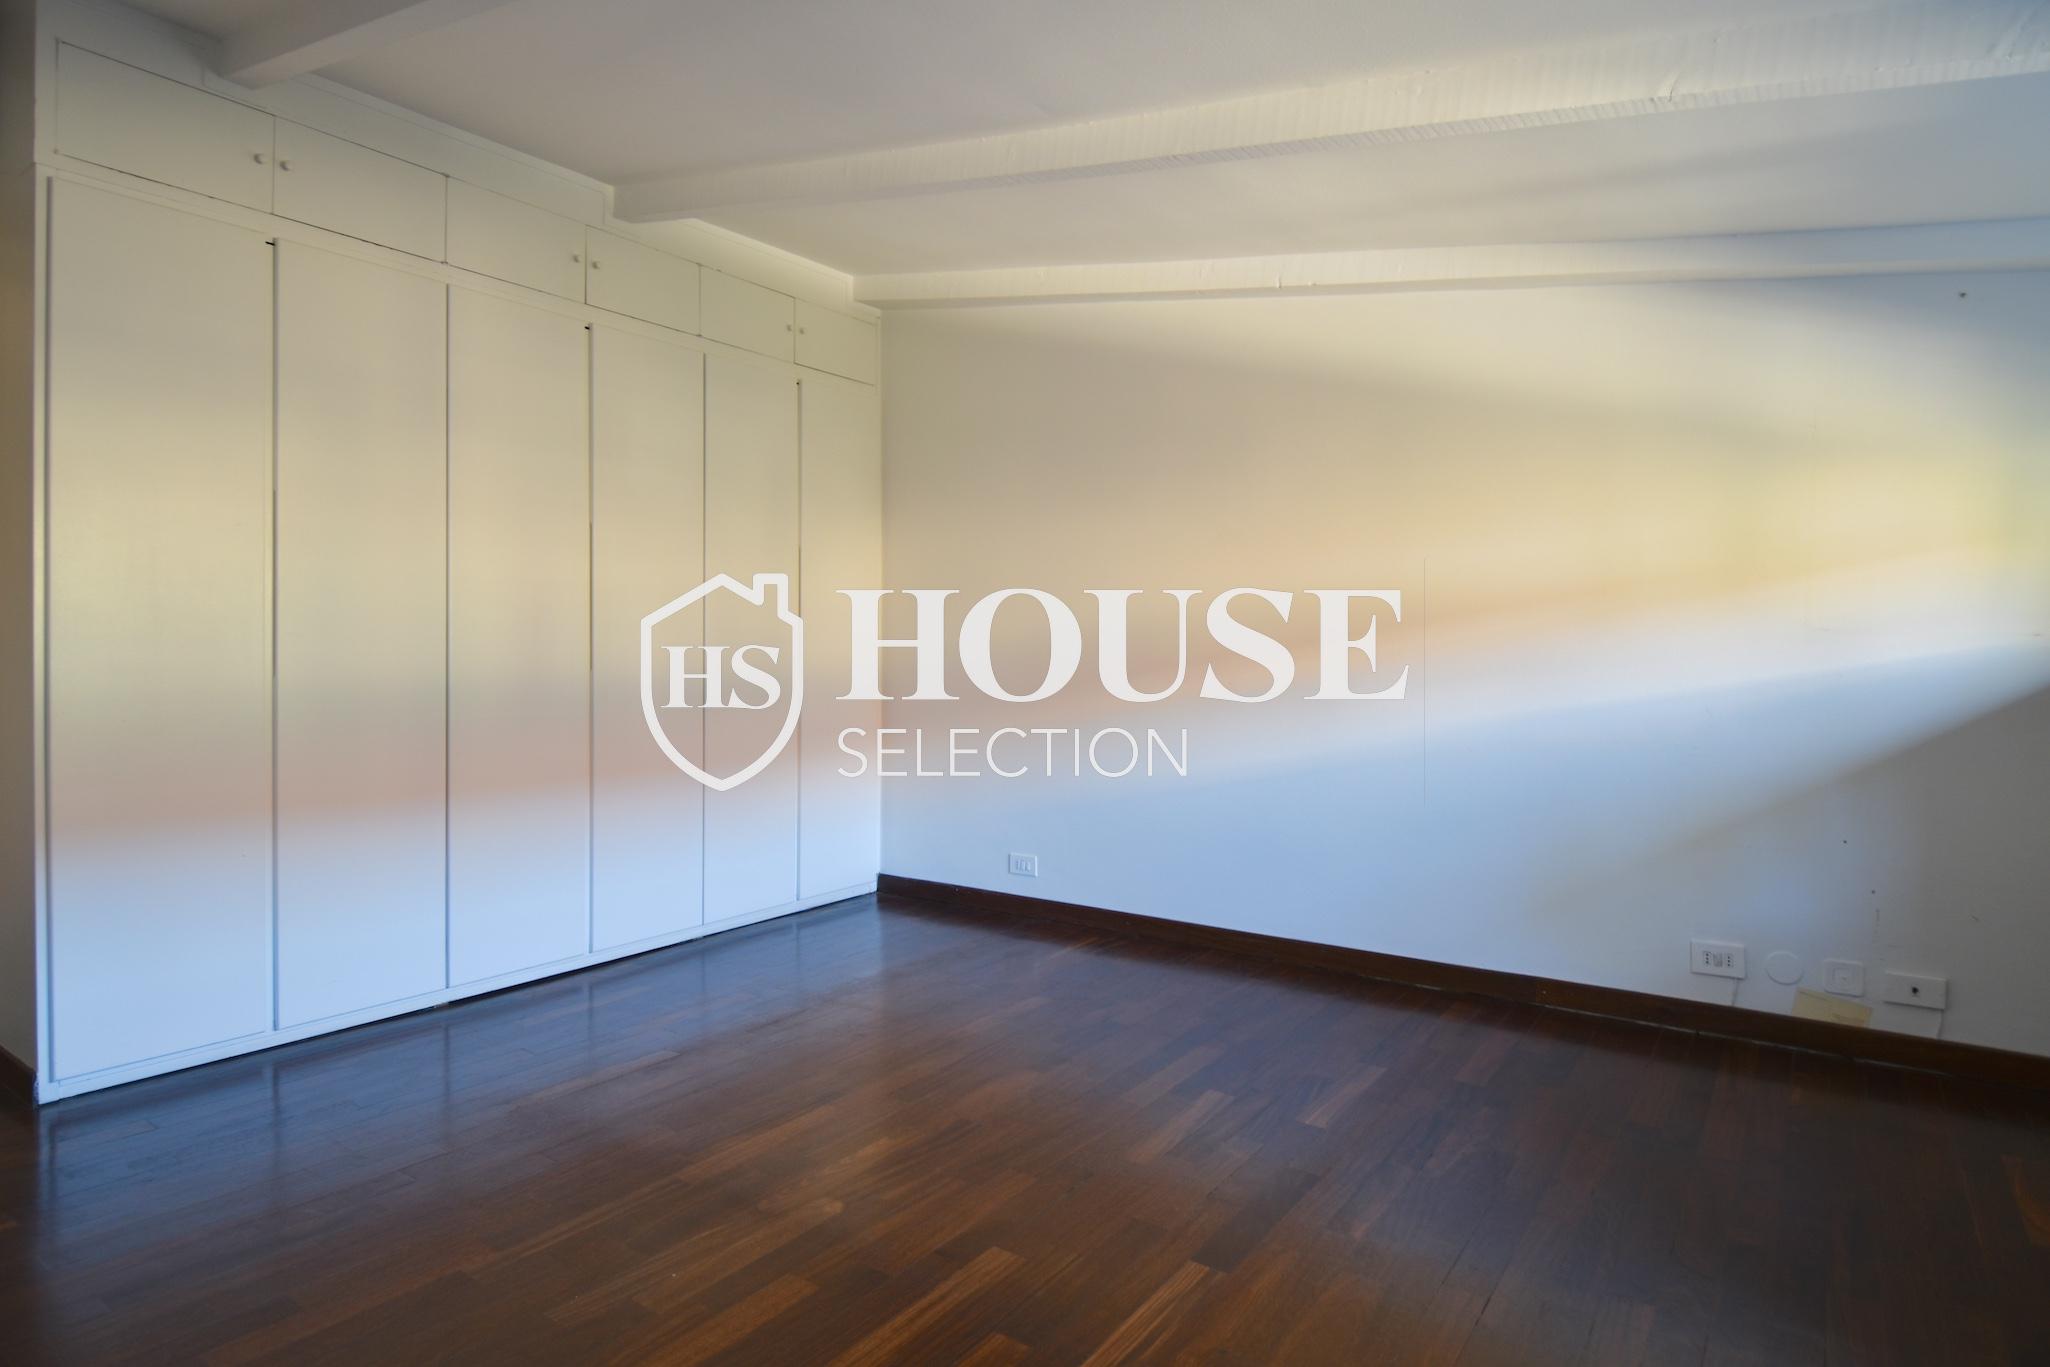 Affitto attico trilocale con terrazzino, via Archimede, tranquillo e luminoso, Milano 14